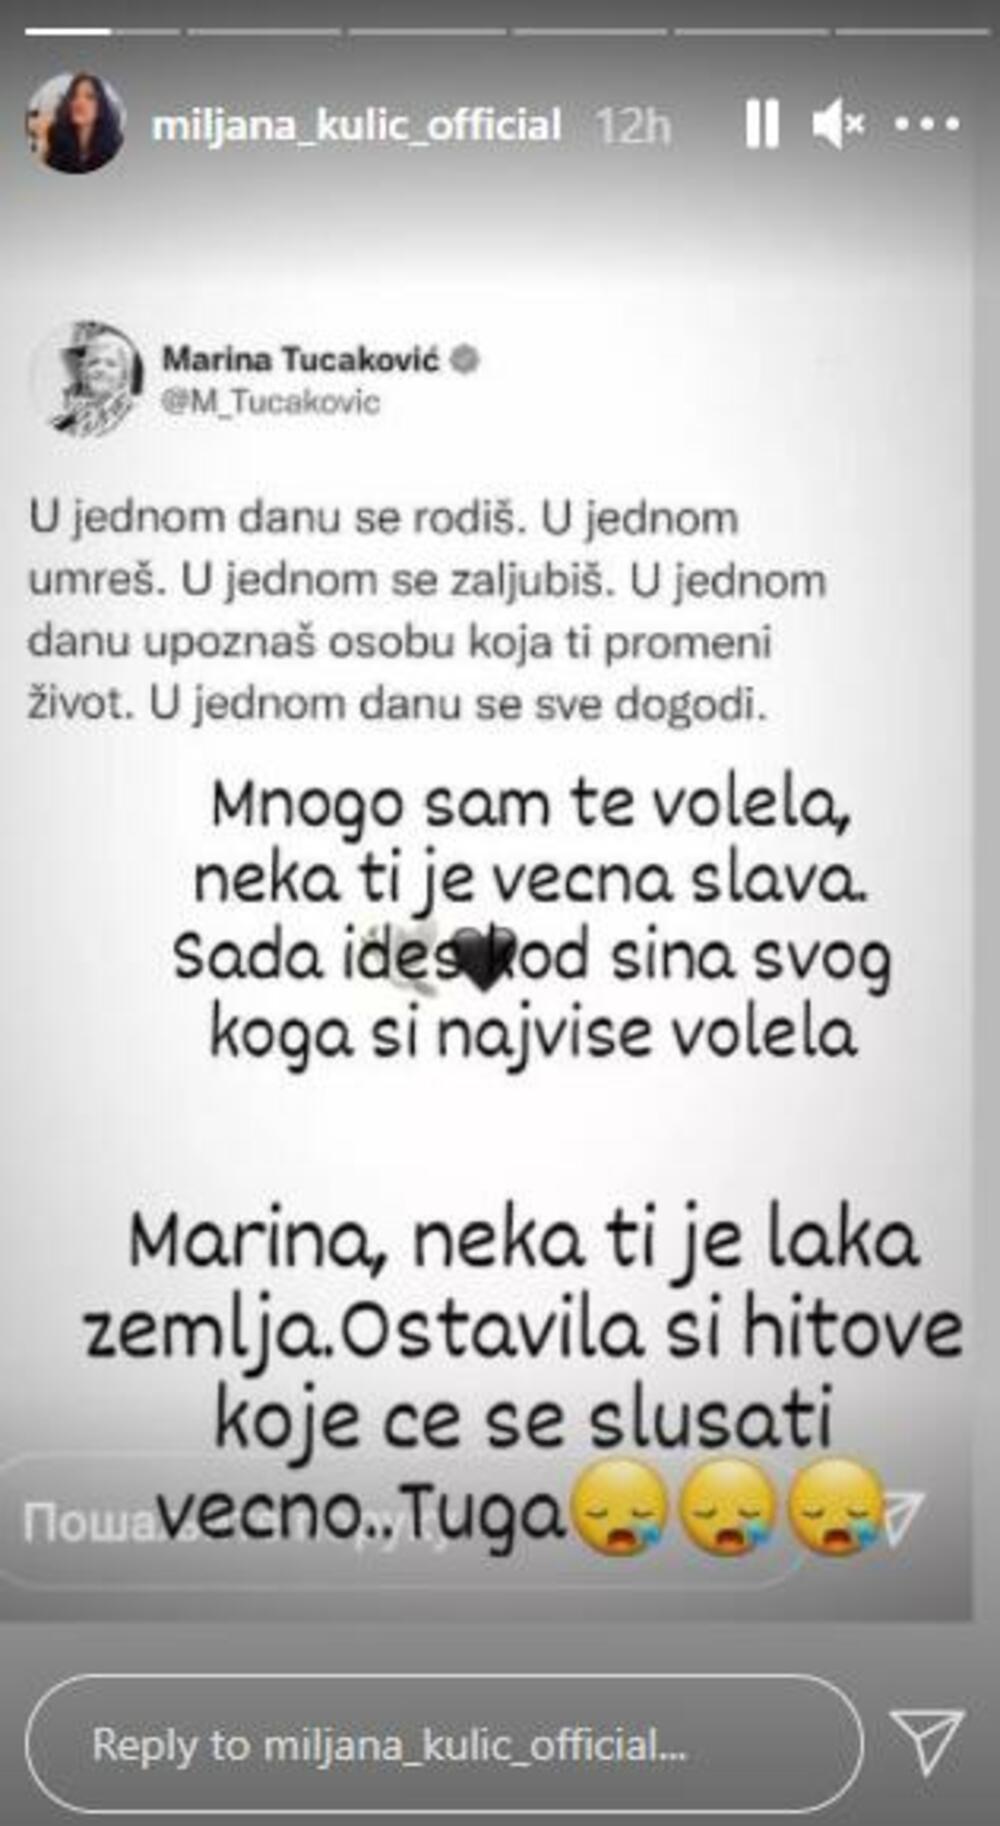 """SMRT POGODILA MILJANU KULIĆ! Neizmerna TUGA i potresno obraćanje javnosti: """"U jednom danu se sve dogodi!"""" NEUTEŠNA"""